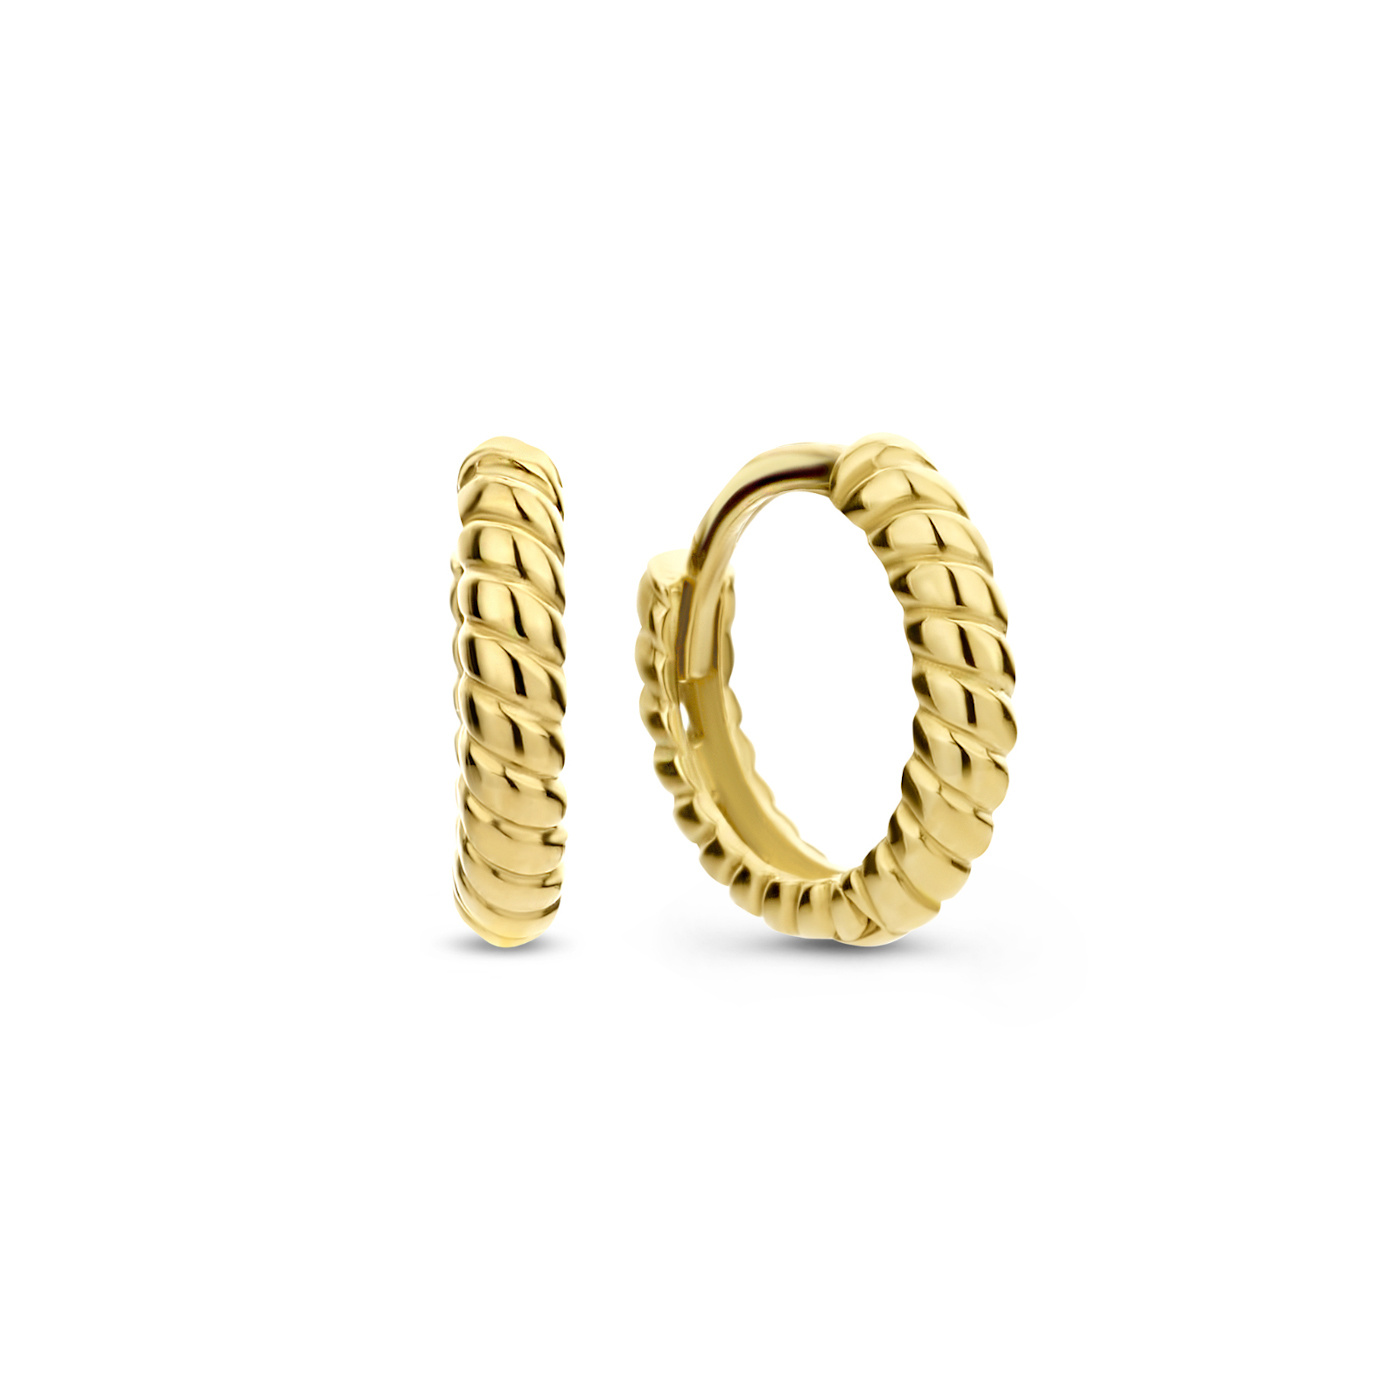 Isabel Bernard Orecchini a cerchio attorcigliati in oro 14 carati Le Marais Anne-Colette